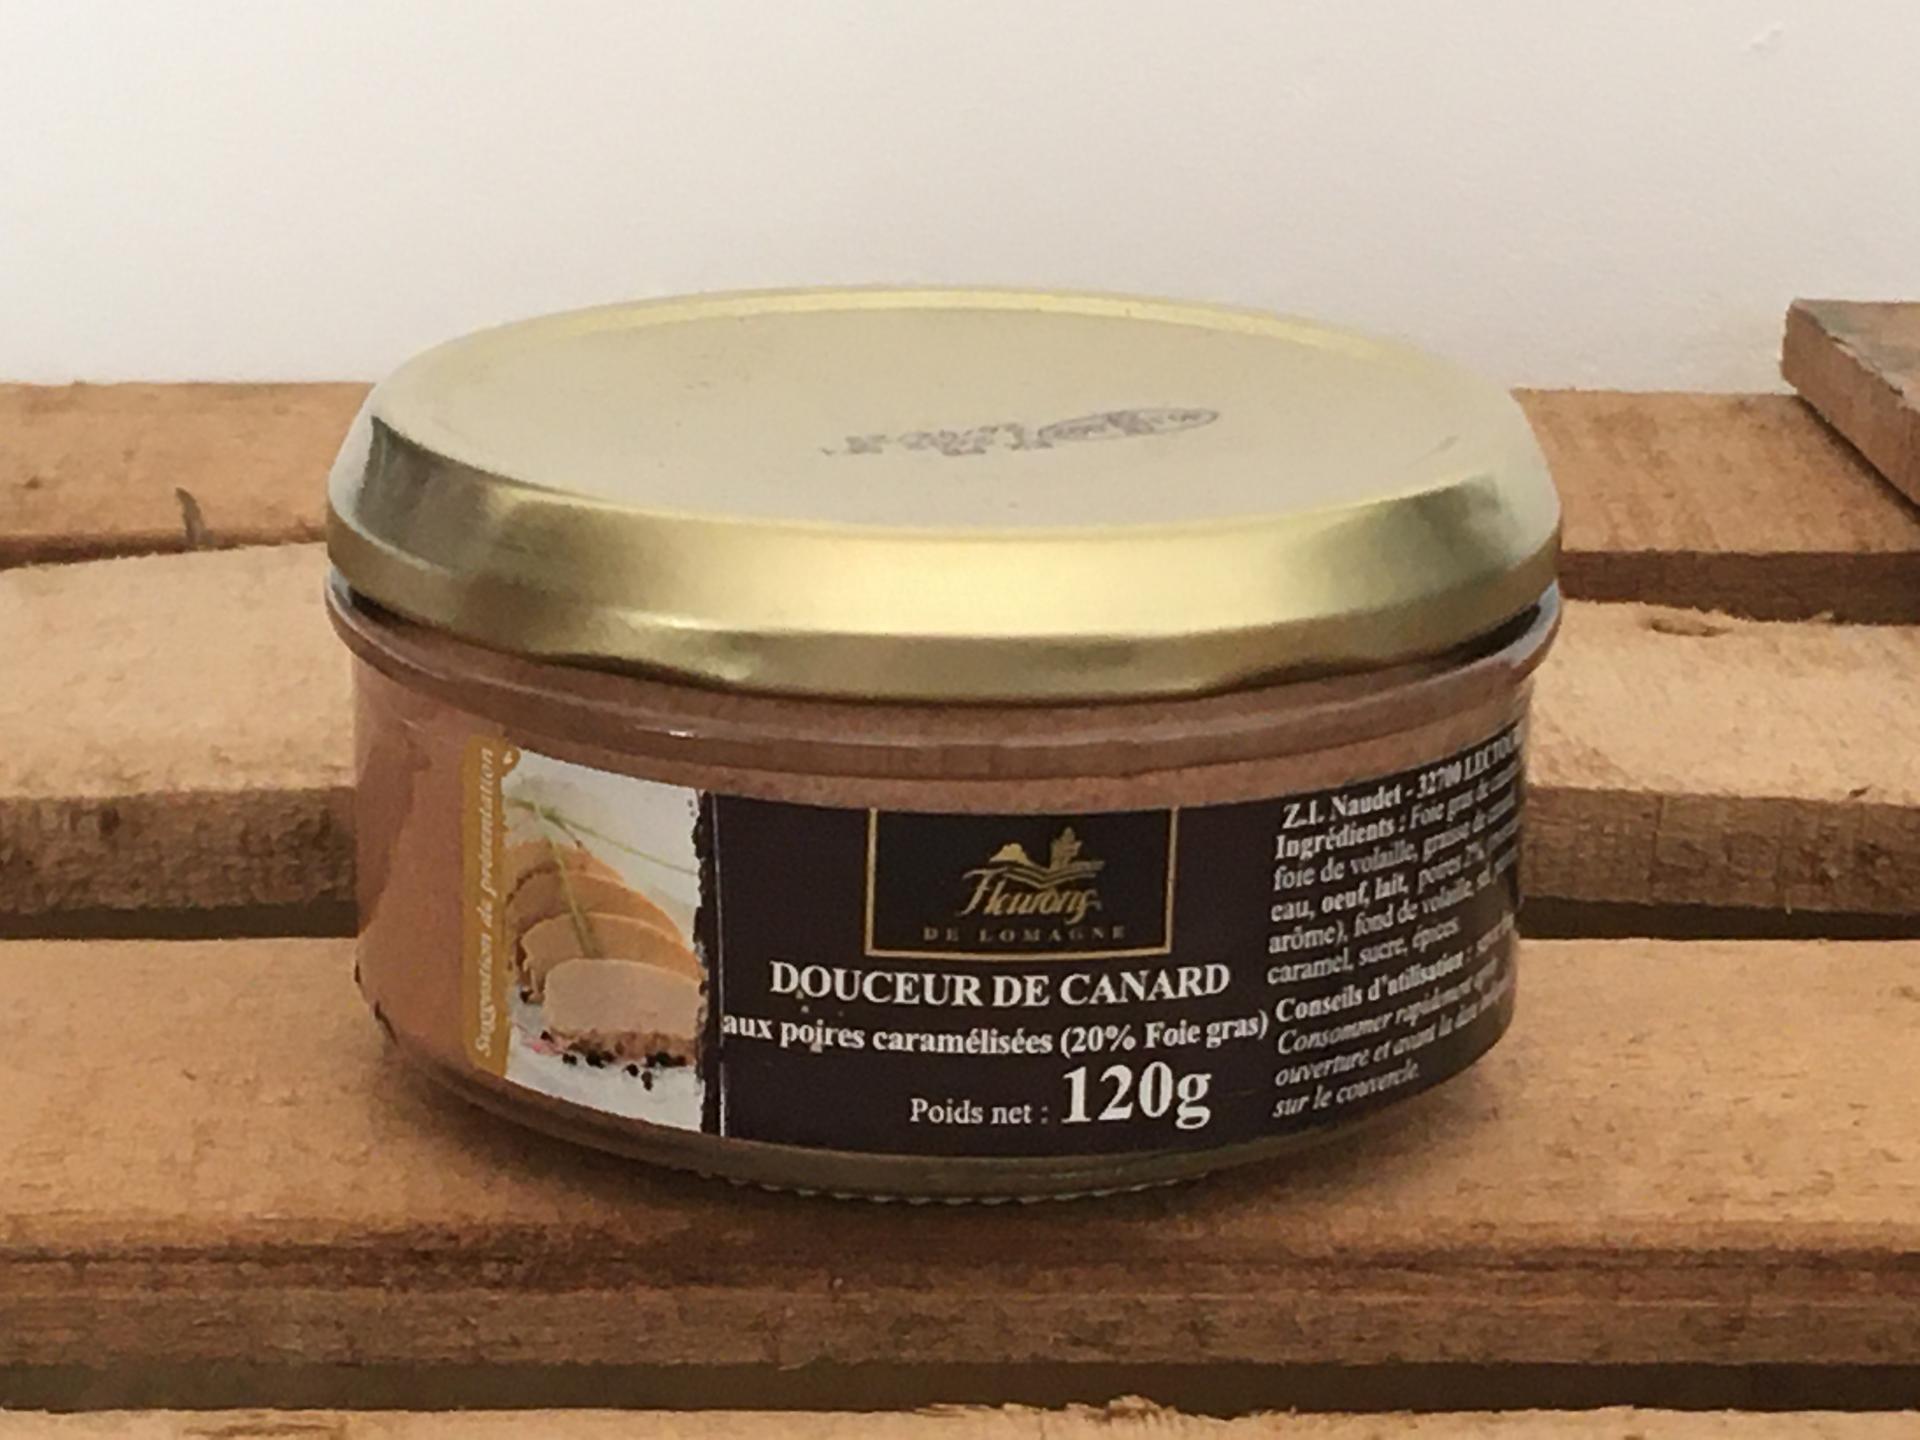 Douceur de foie de canard aux poires caramelisees 20 foie gras 120g